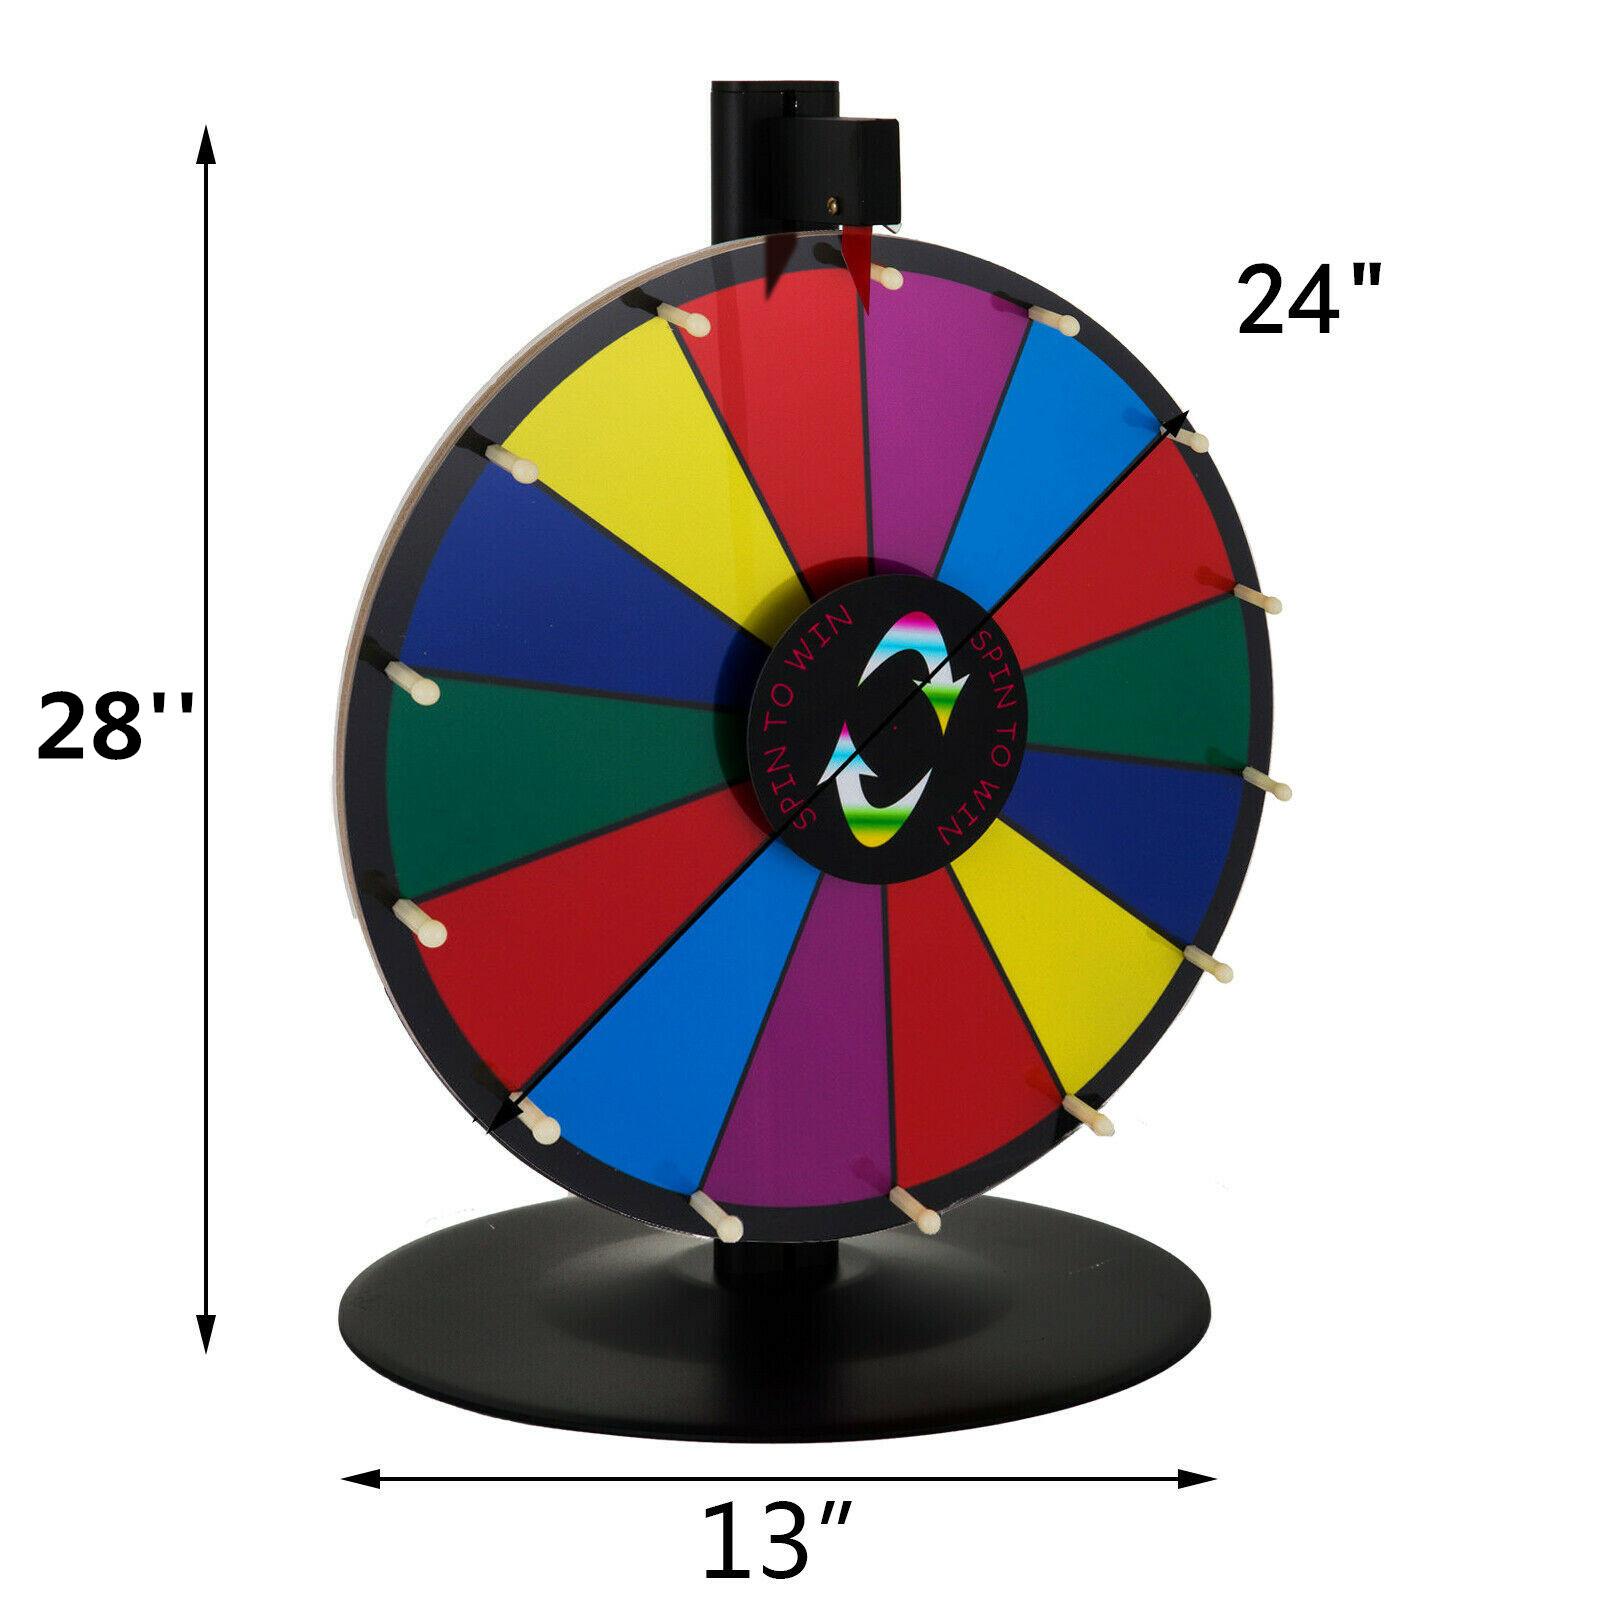 24-18-15-Ruota-Della-Fortuna-di-Colore-14-Slots-Gioco-Spin-Con-Supporto-Festa miniatura 14